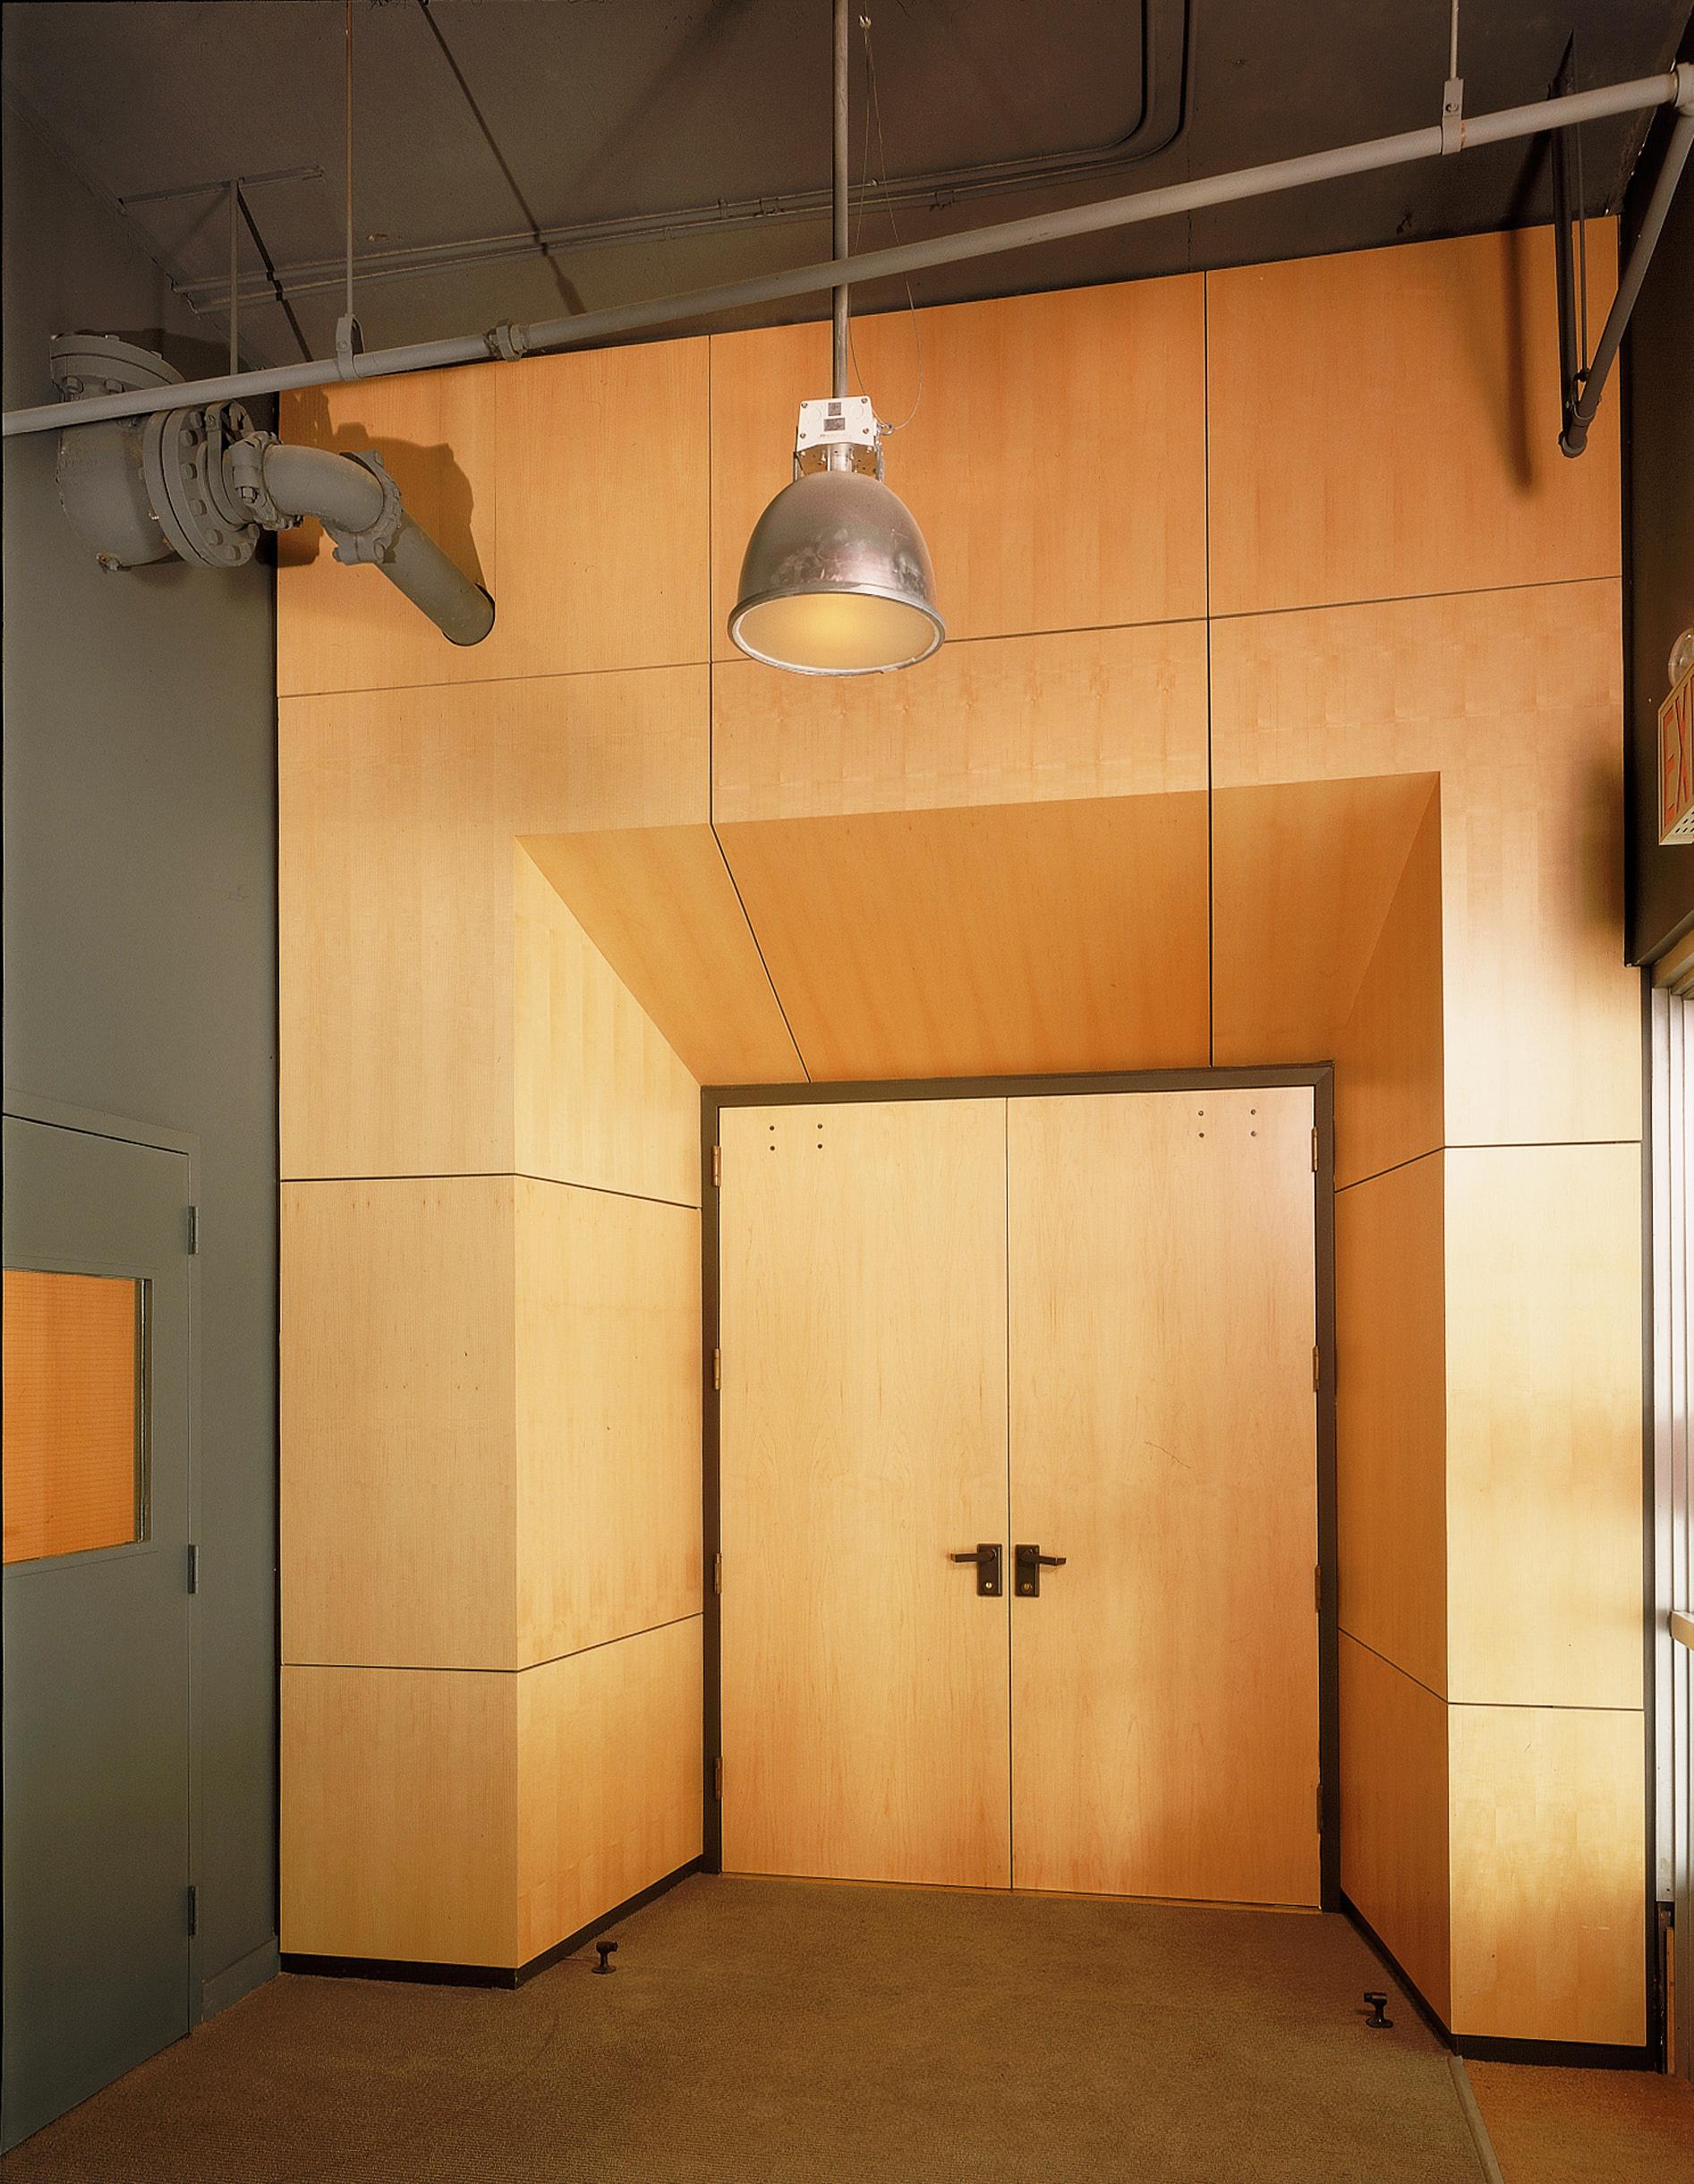 lobbydoors.jpg